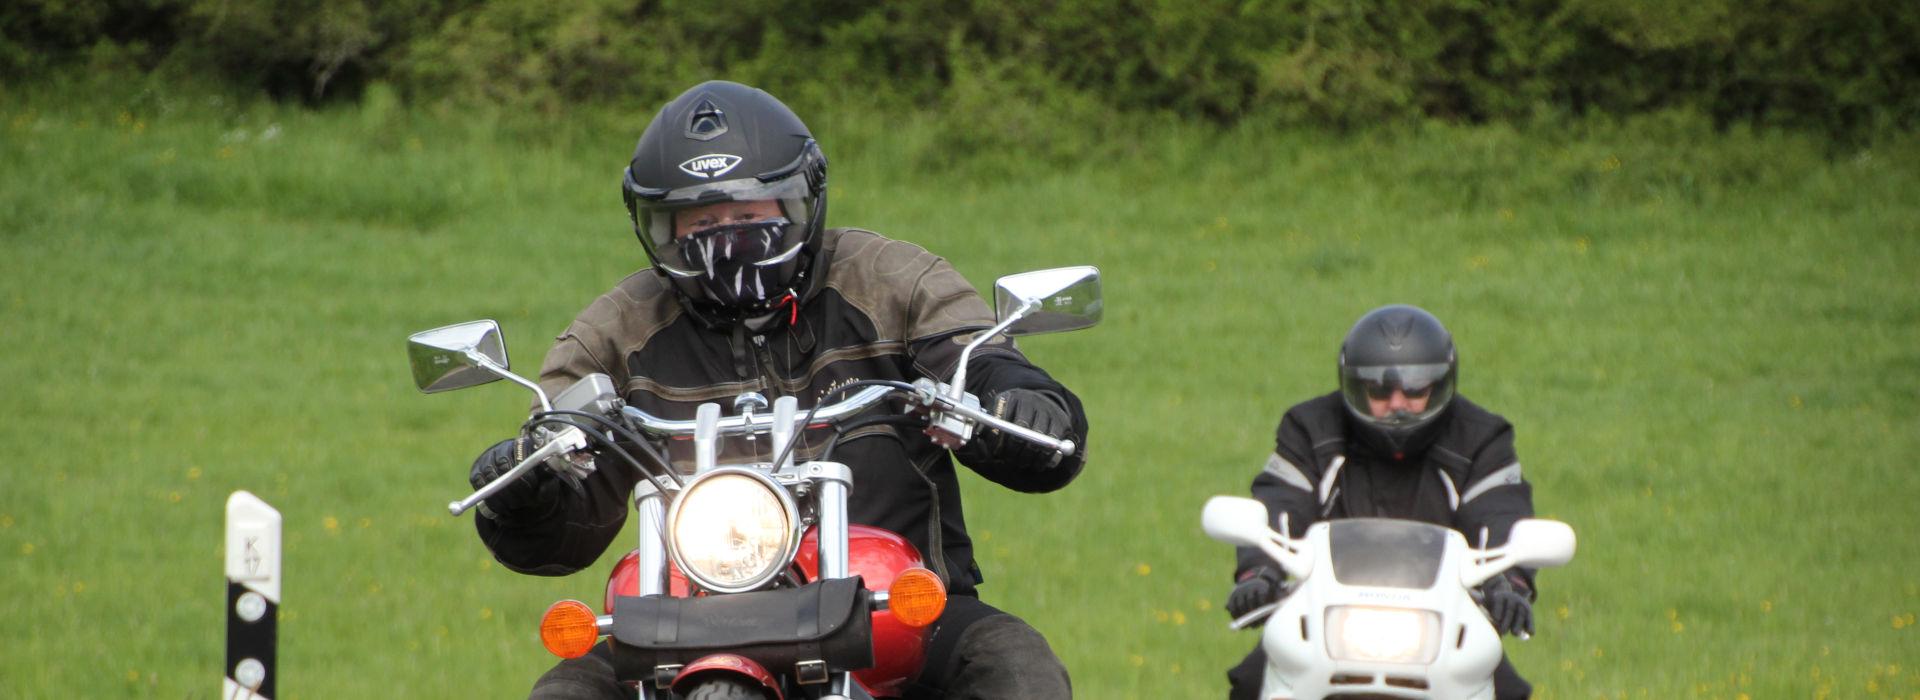 Motorrijschool Motorrijbewijspoint Valkenswaard motorrijlessen